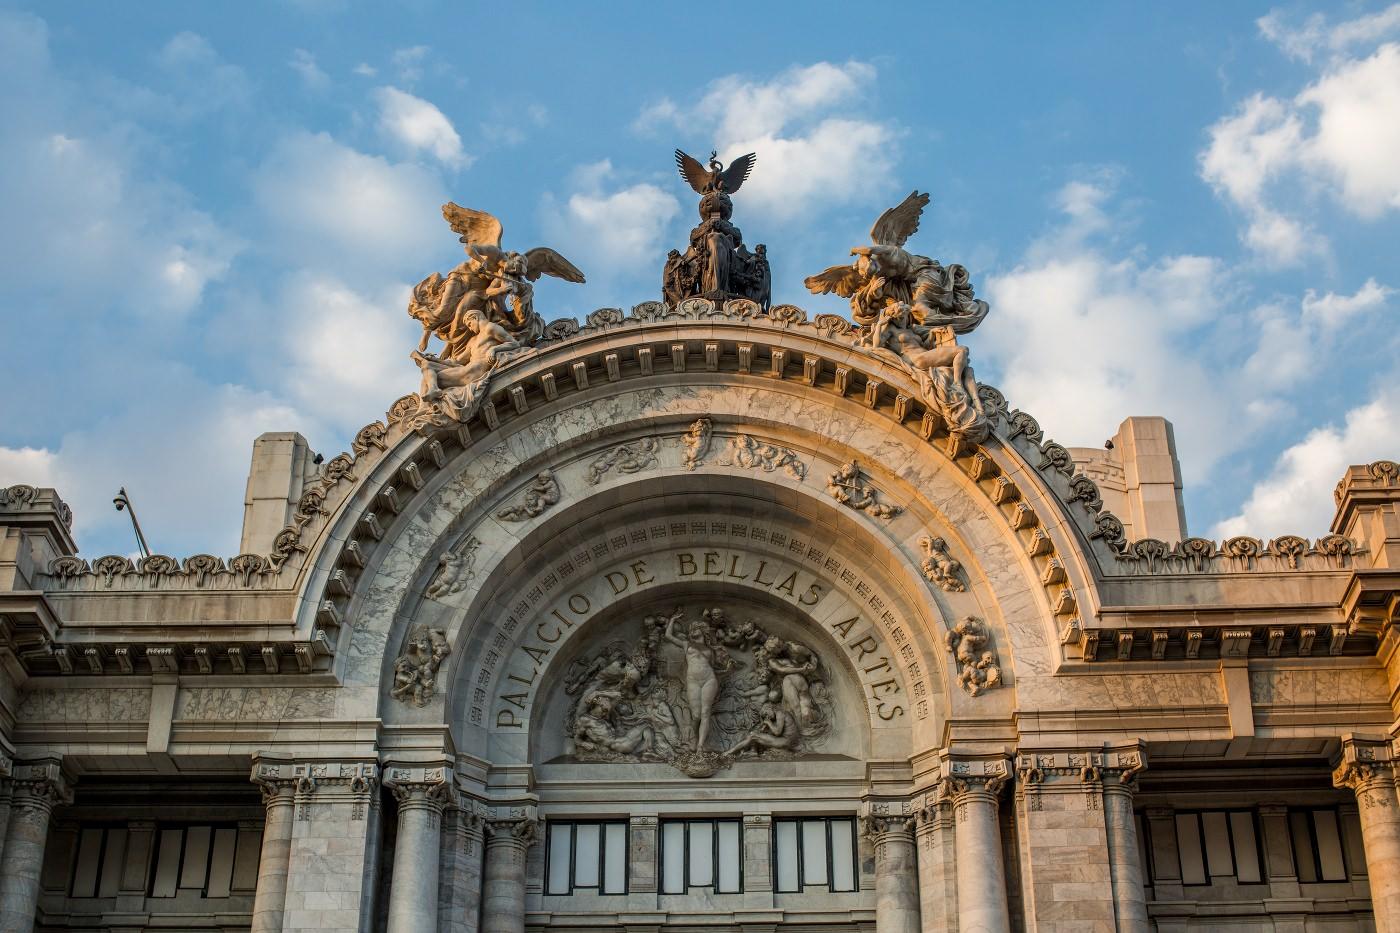 Palacio de bellas Artes fasade Mexico